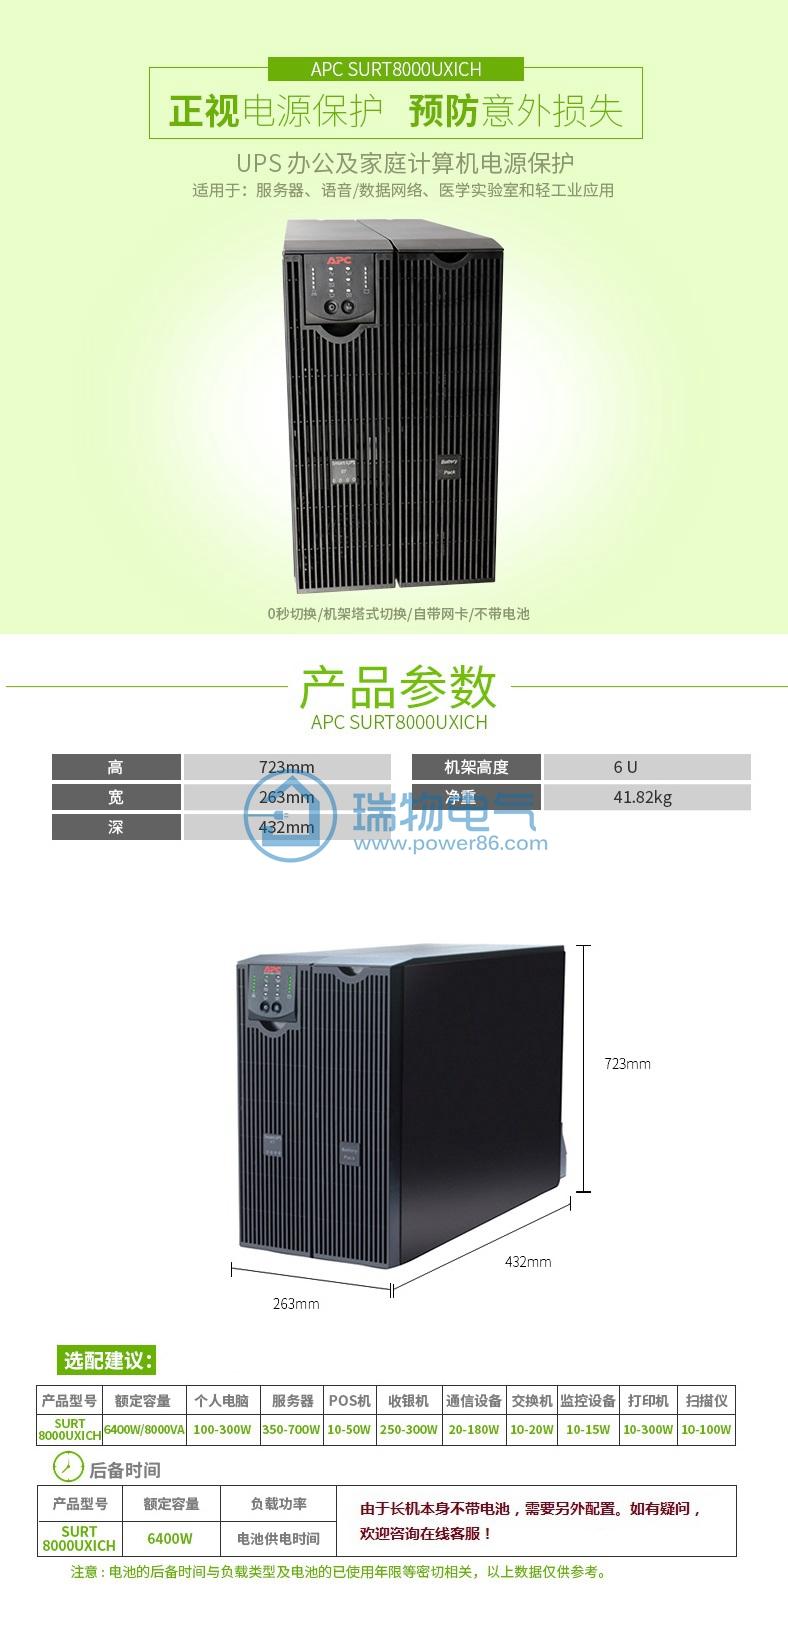 产品介绍http://www.power86.com/rs1/ups/14/132/83/83_c0.jpg